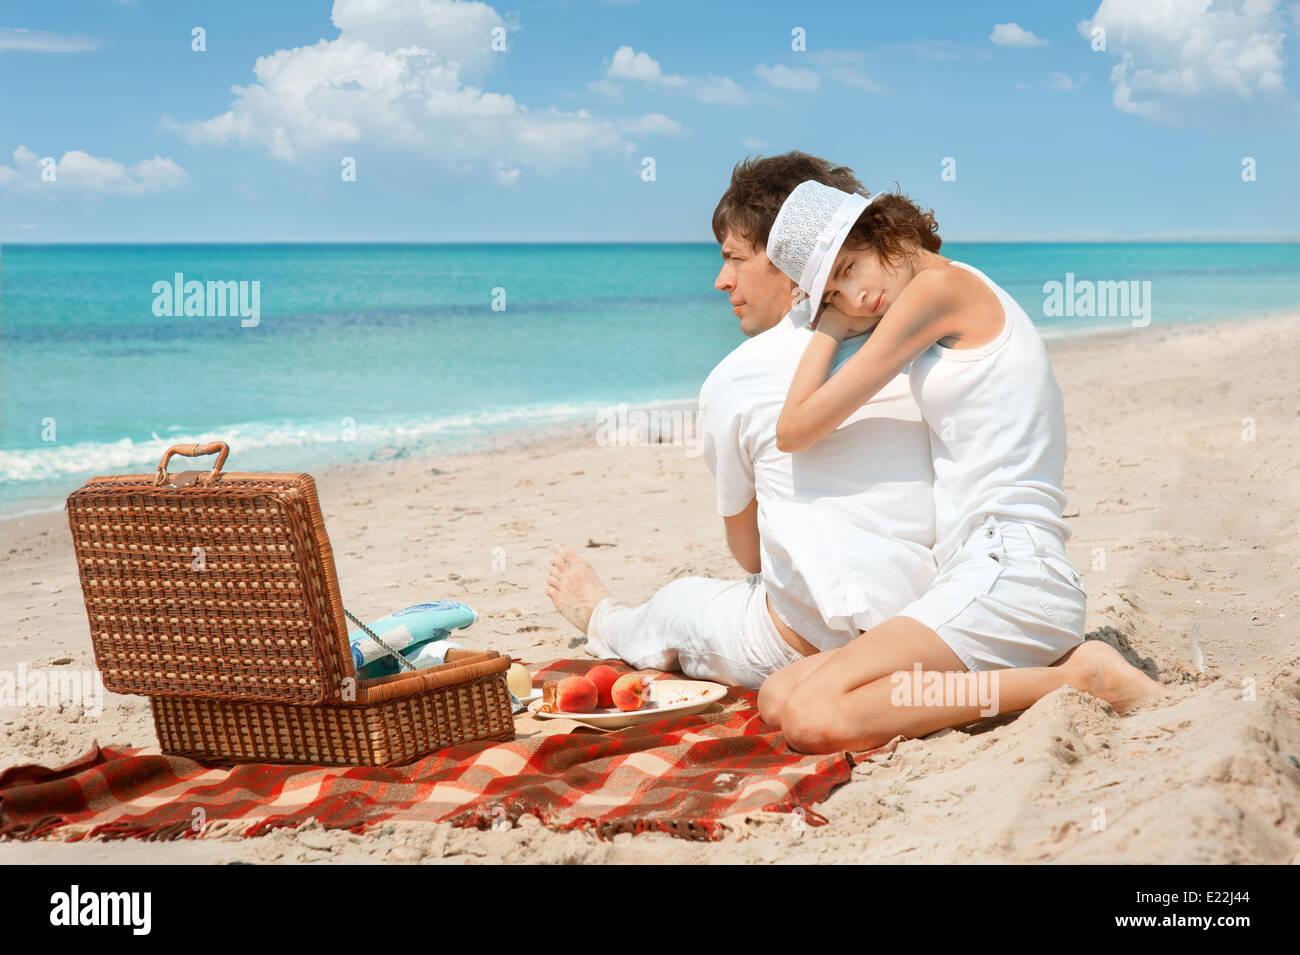 Vacaciones Imagen De Stock